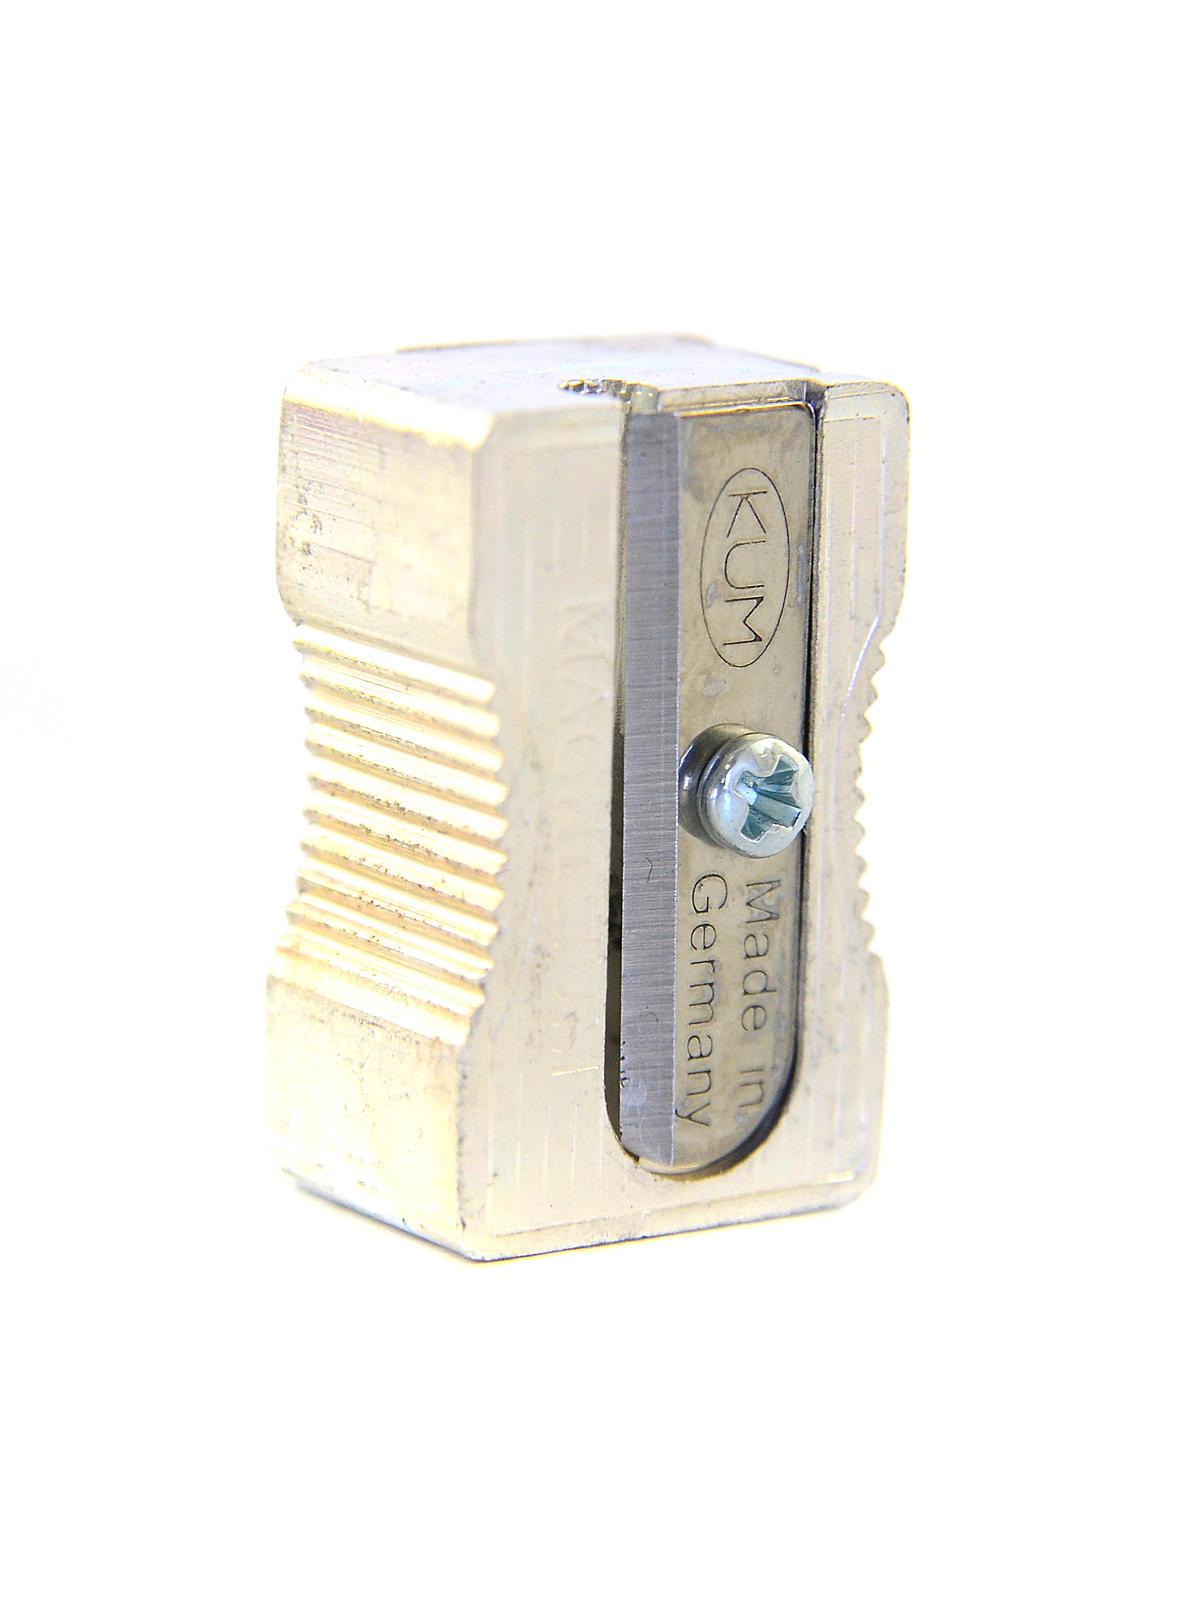 Magnesium Alloy Pencil Sharpener